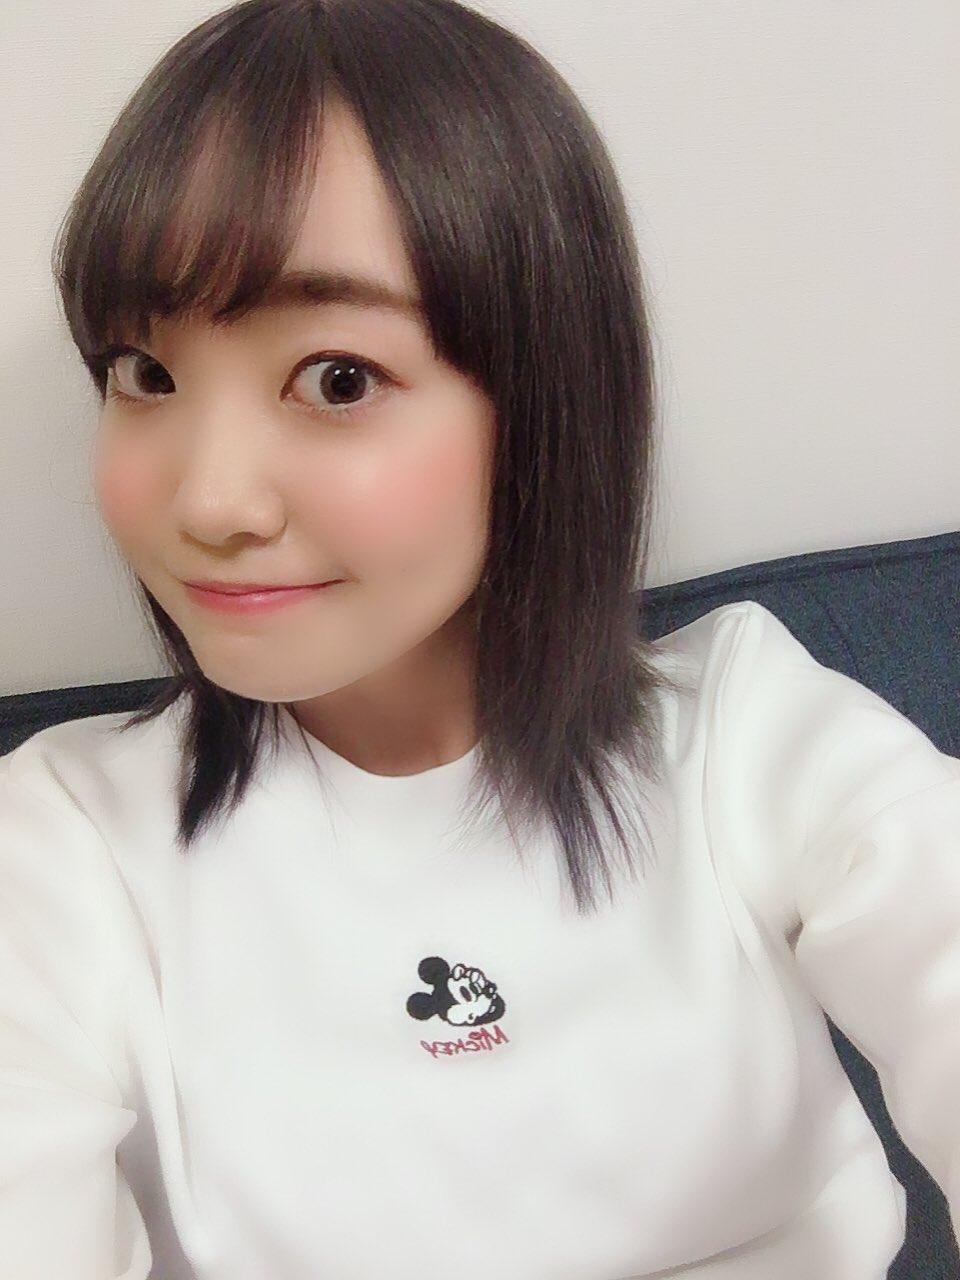 성우 오오하시 아야카가 머리색을 바꿨다면서 자신의..